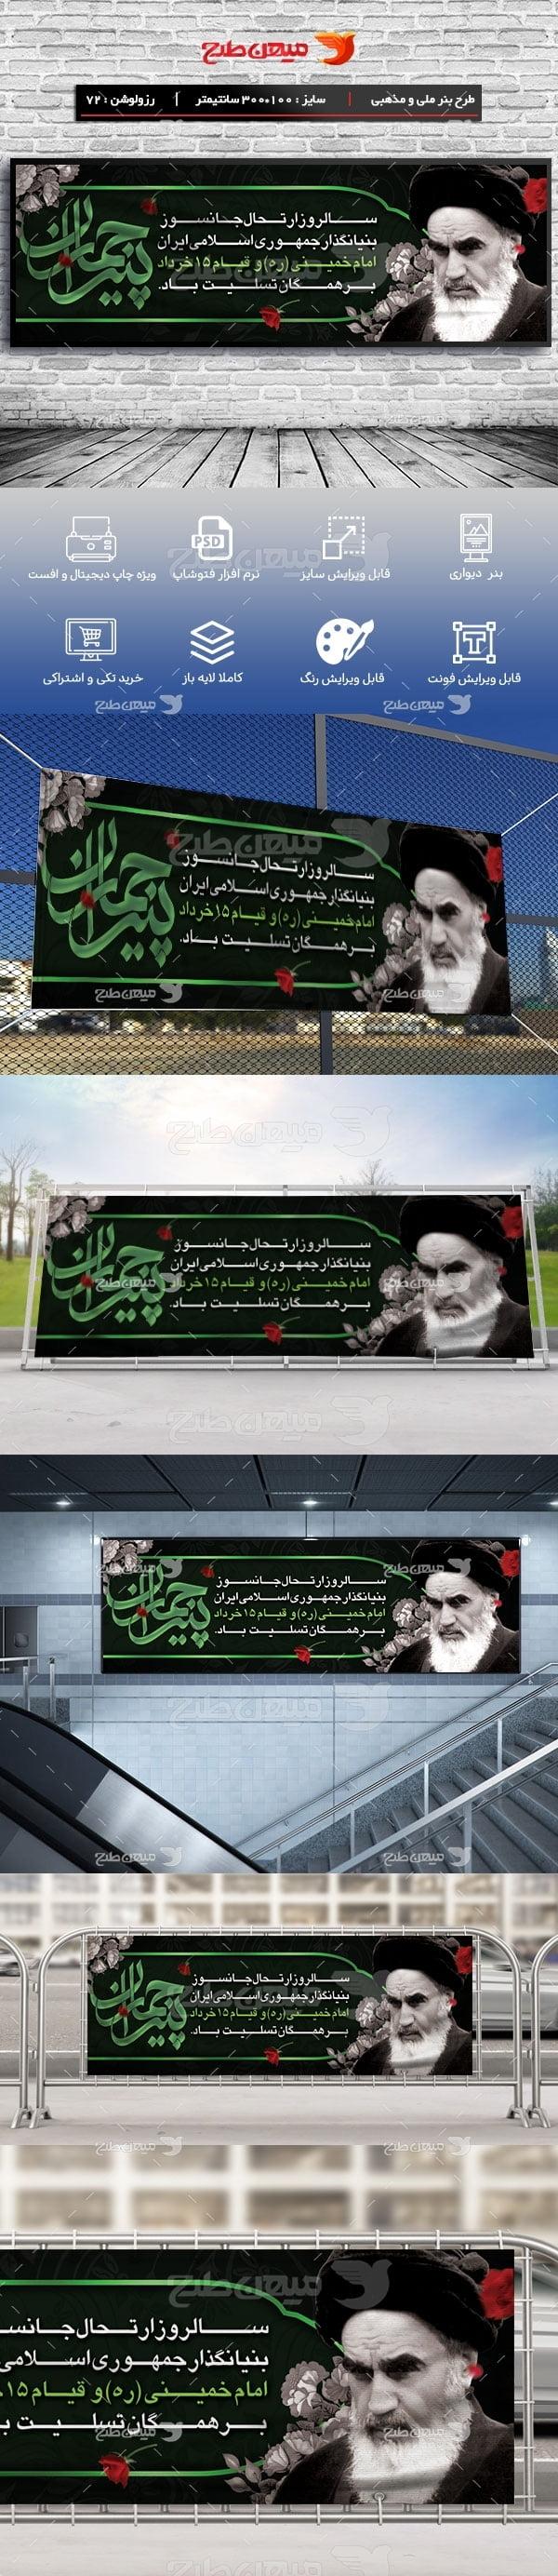 بنر پلاکارد لایه باز رحلت امام خمینی (ره)